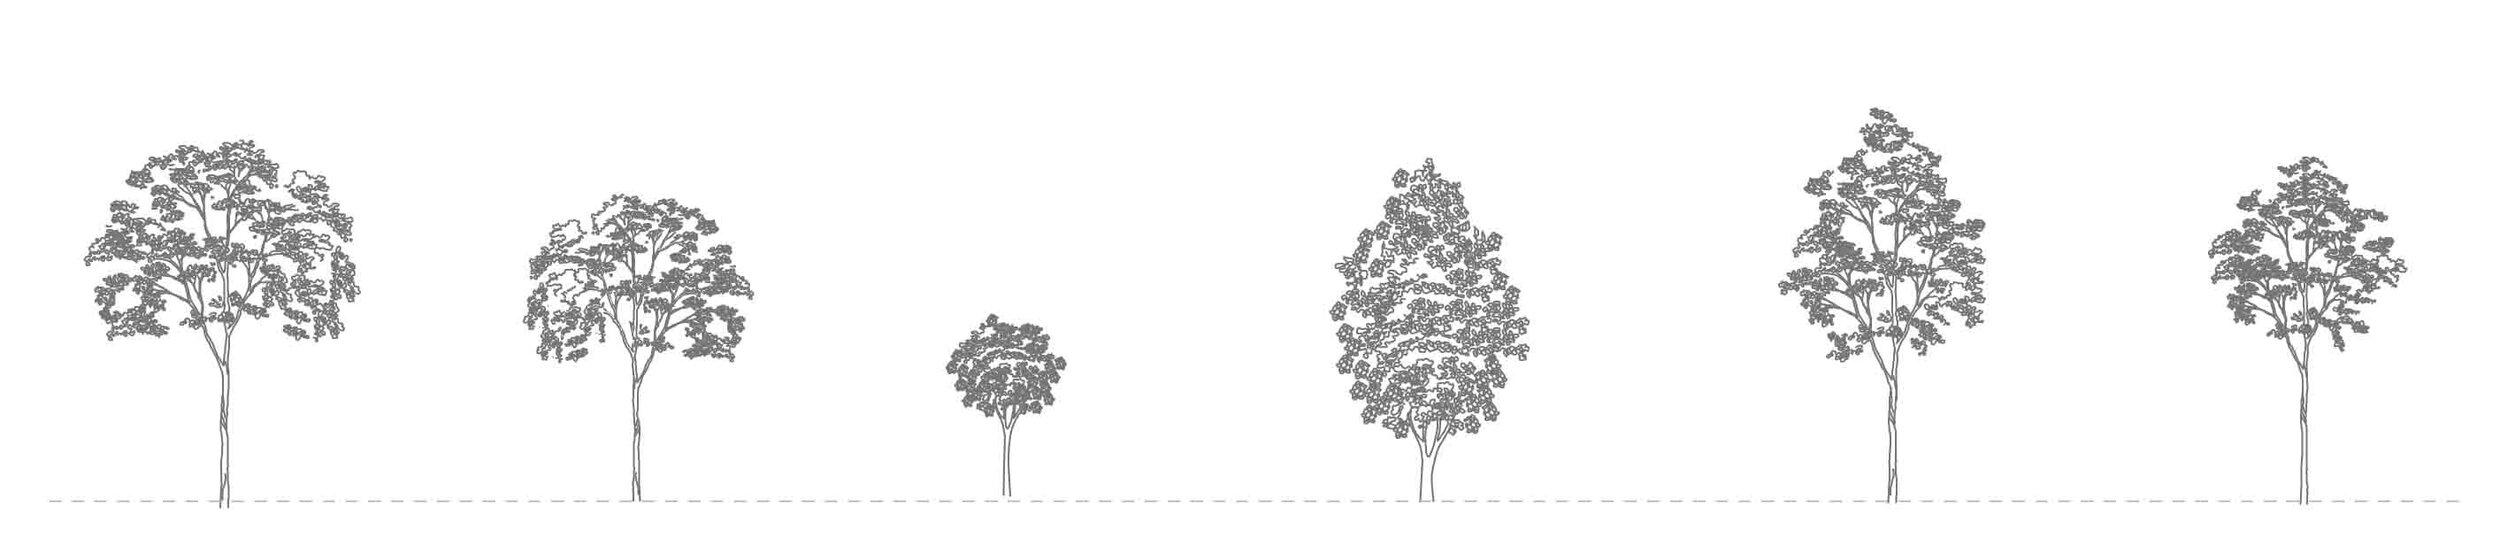 Free_CAD_Tree_Blocks.jpg